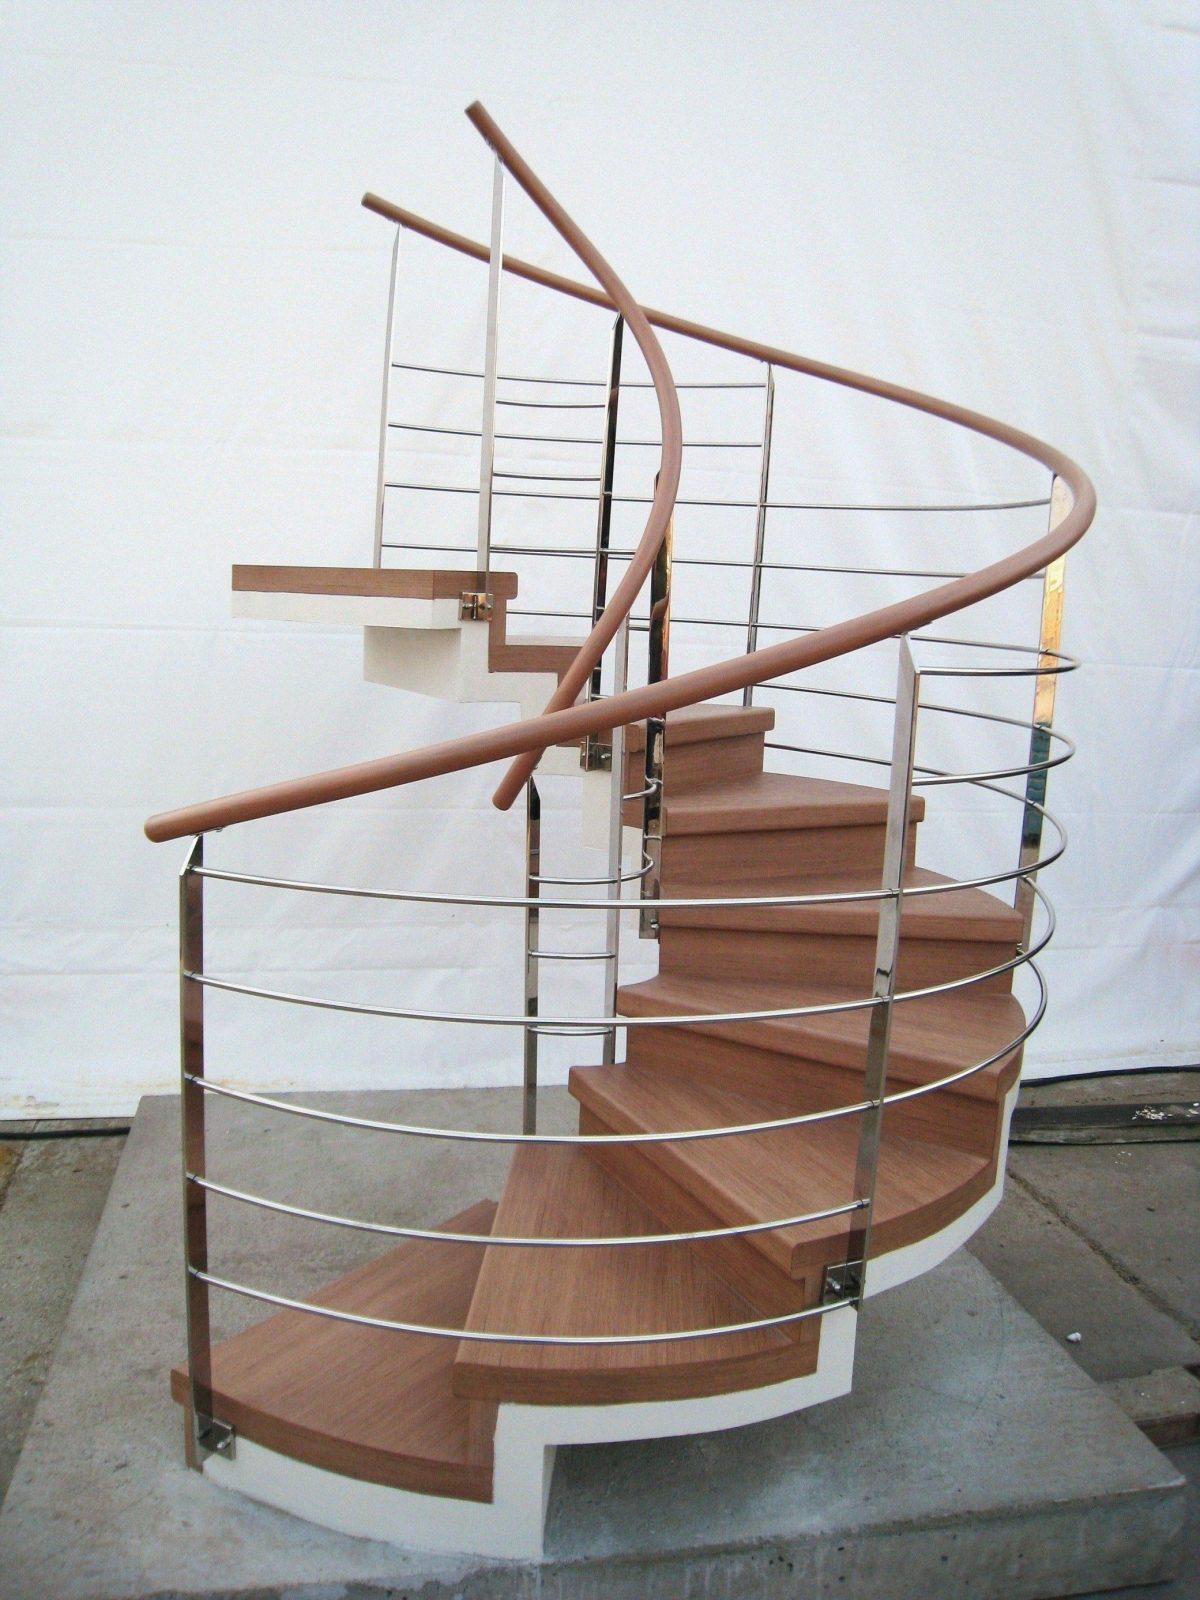 Rampe Fur Treppe Rampen Bauen Treppenstufen Fahrradrampe Treppenhaus von Treppe Rampe Selber Bauen Bild